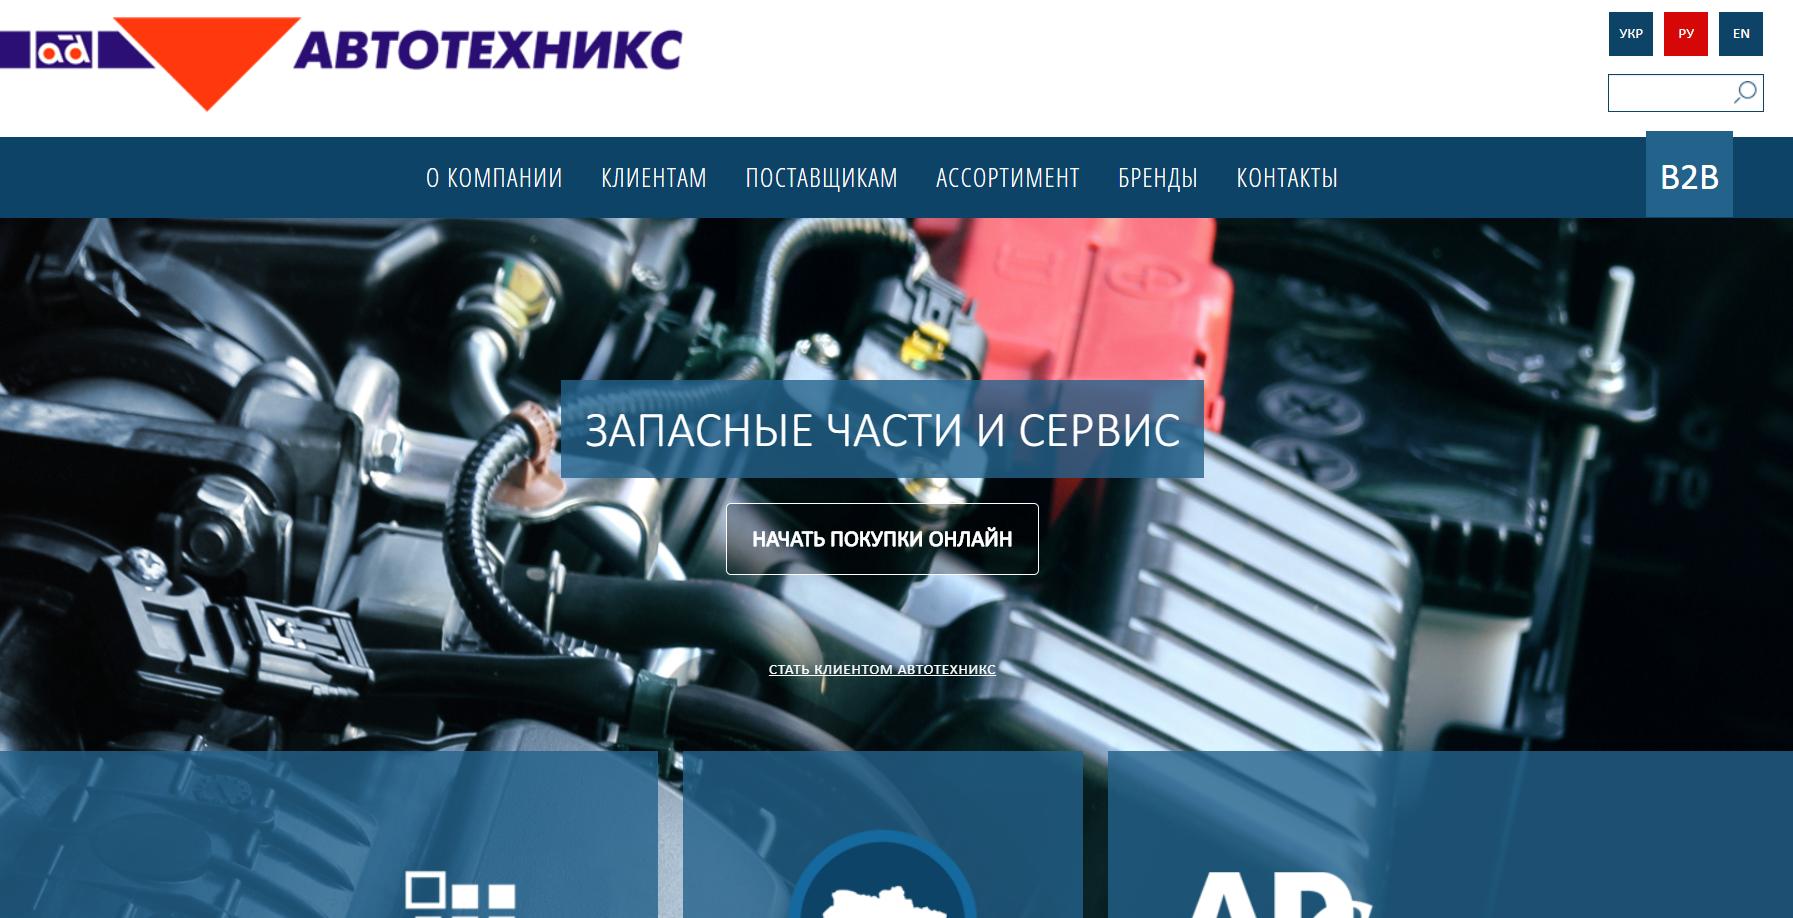 Компания Автотехникс